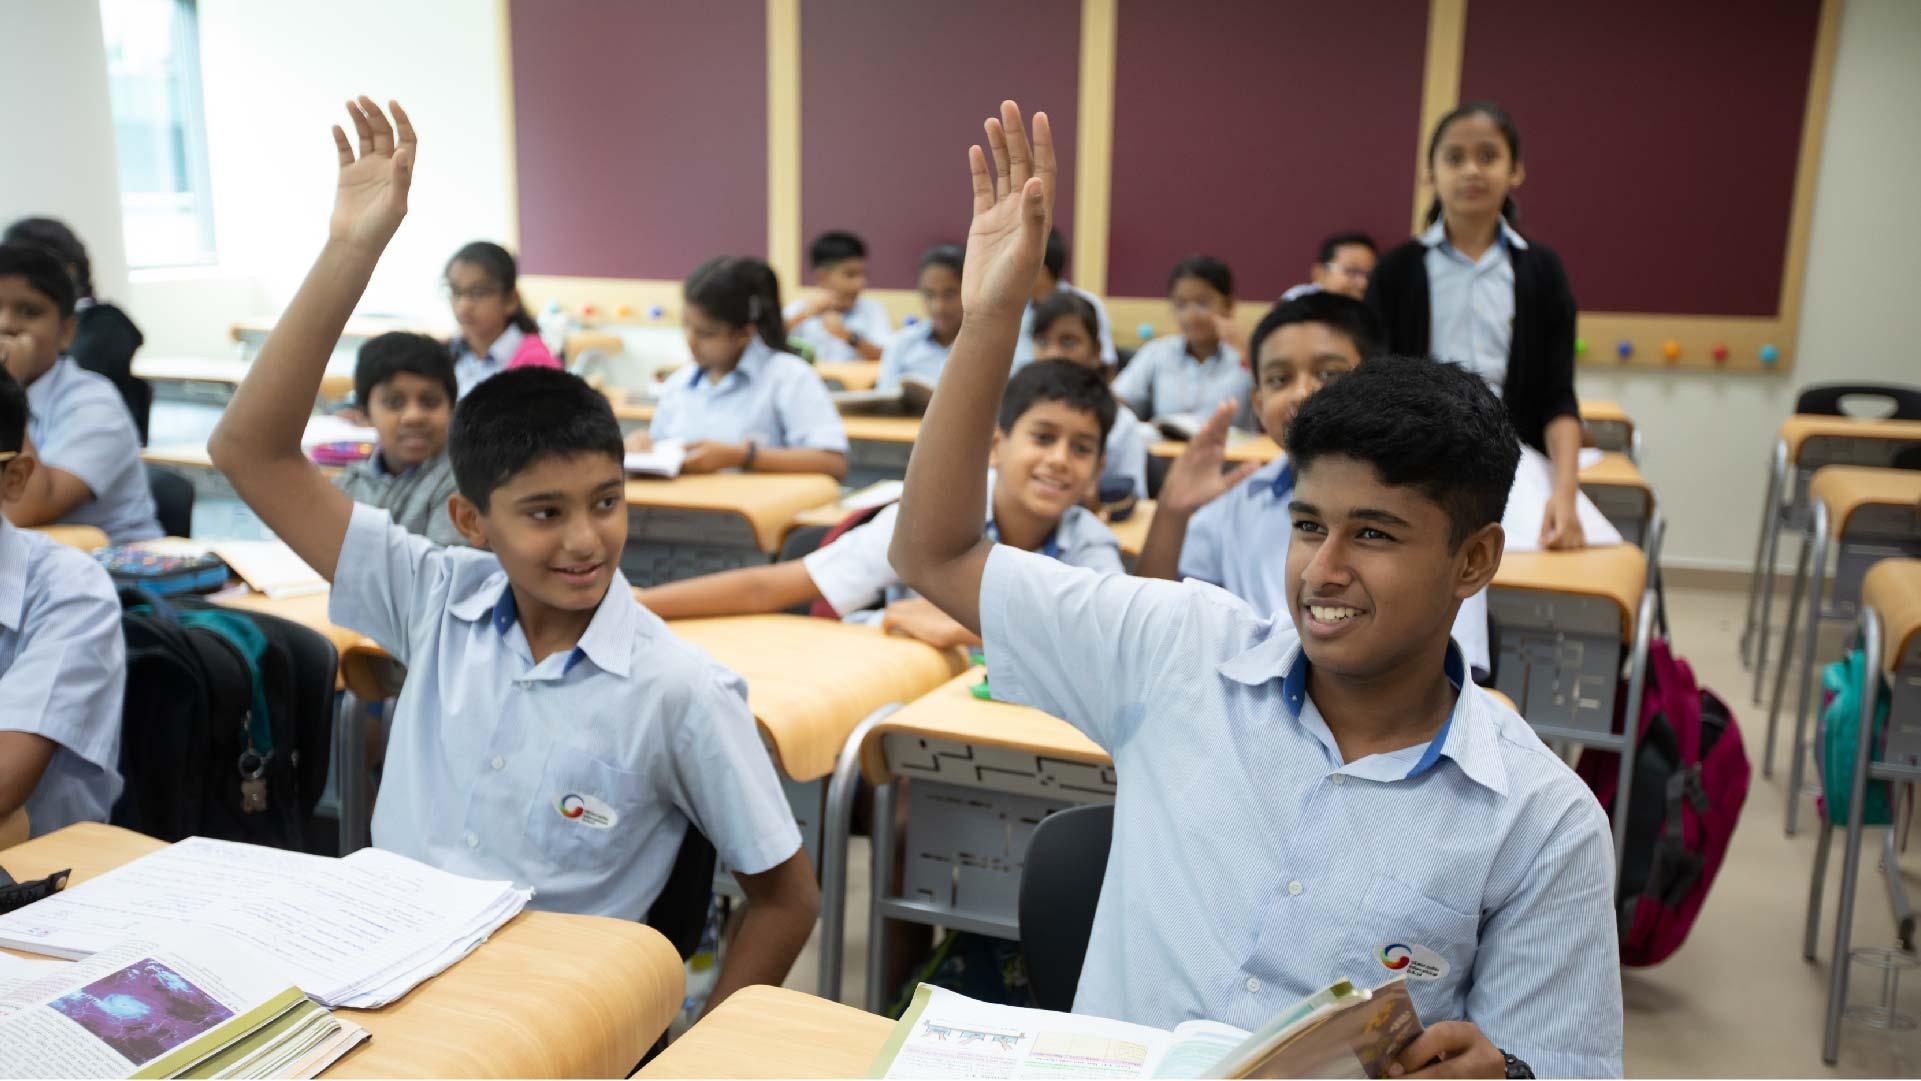 Cambridge Primary at GIIS Kuala Lumpur